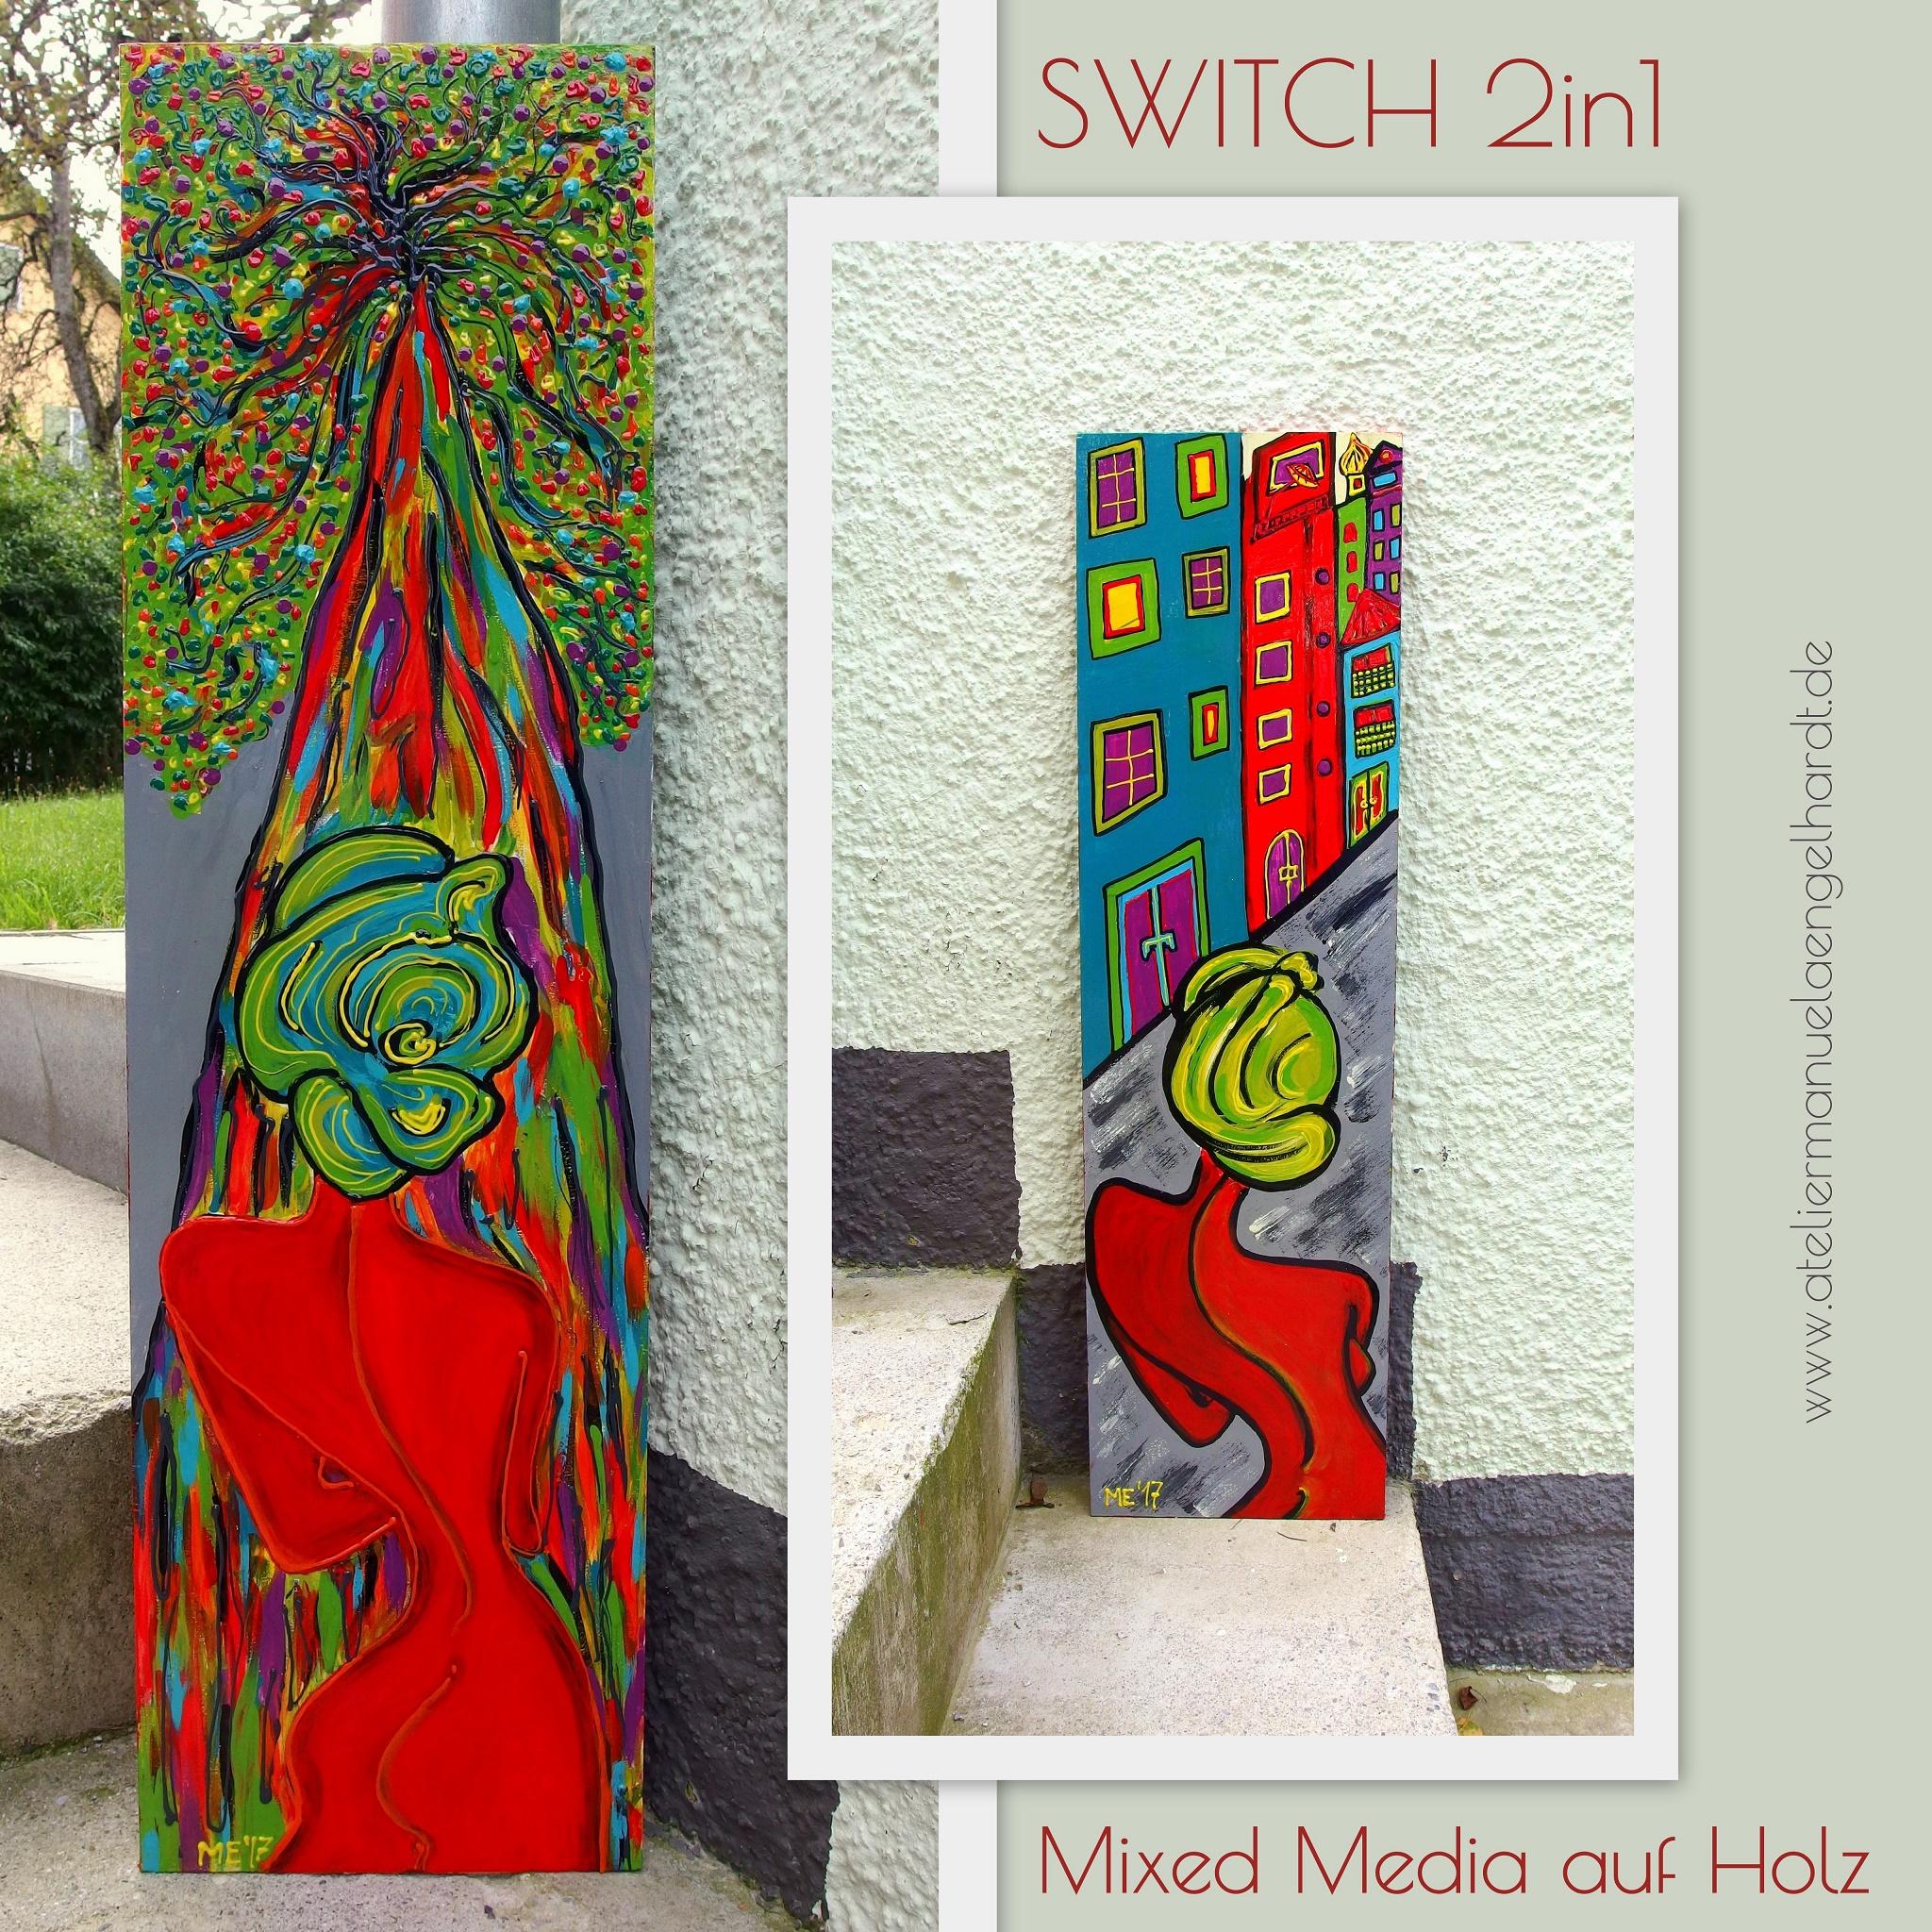 Switchbild, Mixed Media auf Holz - Verfügbar